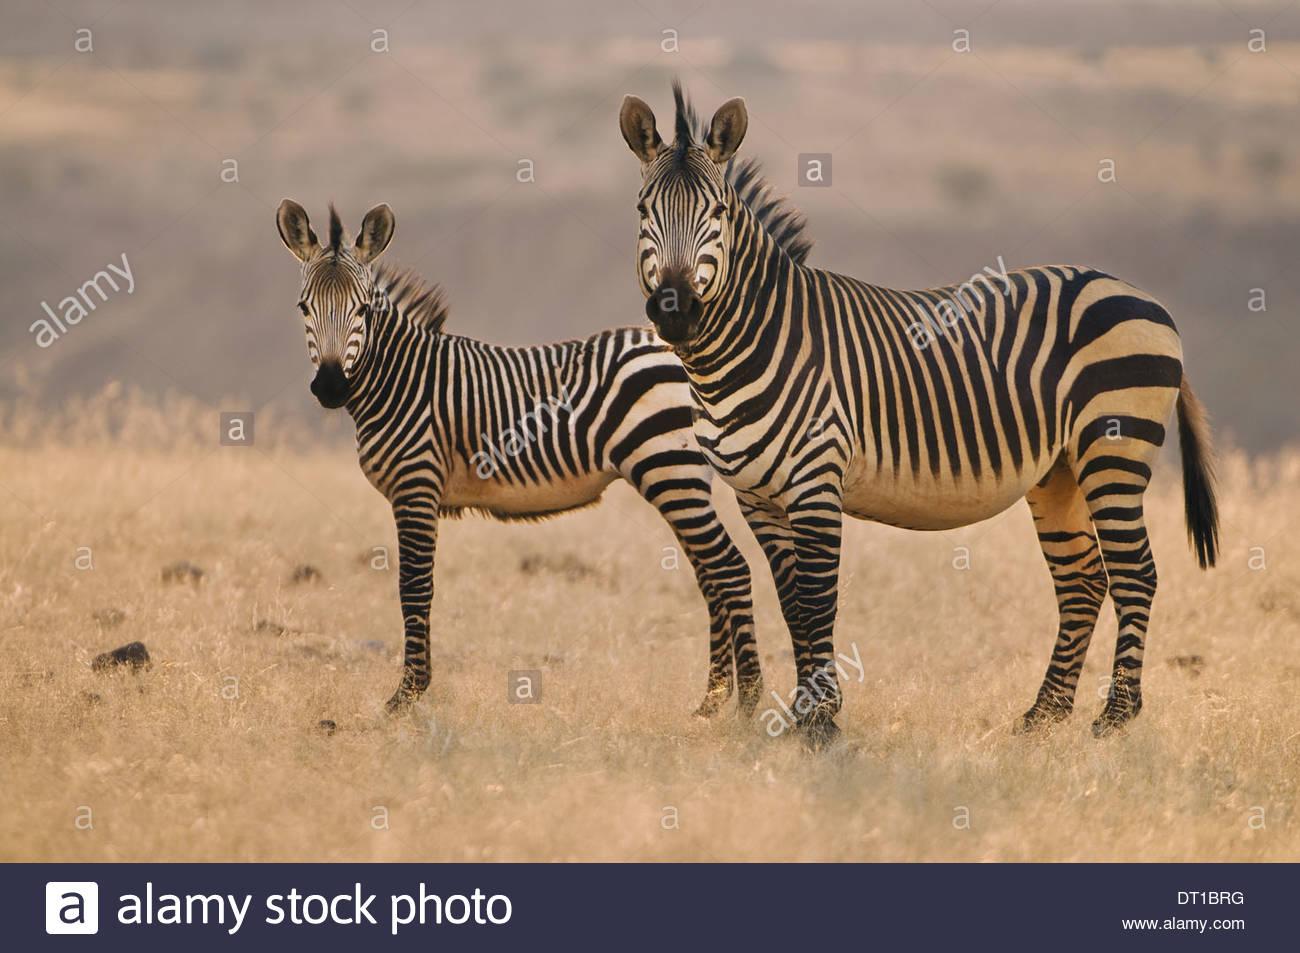 Torra Conservancy Damaraland Namibie deux zèbres de montagne Equus zebra plaines sur la Namibie Photo Stock